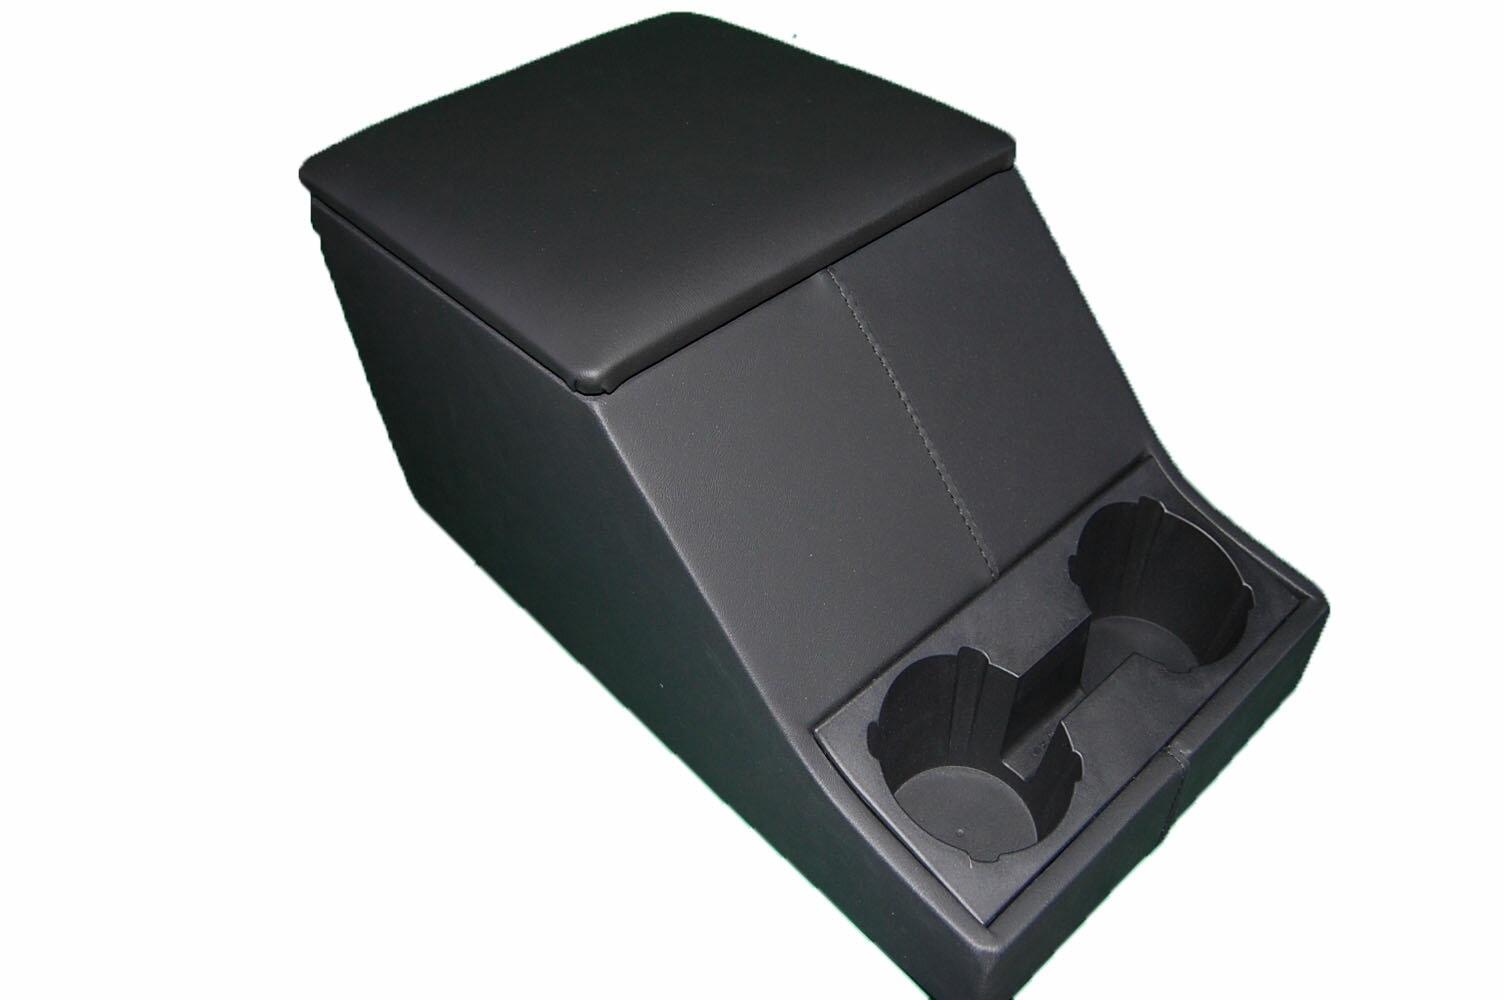 センターコンソールボックス/キャビーボックス【UK社外BRITPART製】 +ドリンクホルダー&ビニールレザーアームレスト 全2色 黒・グレー ※写真:黒[適合車種]ディフェンダー全モデル対応Cubby Box DEFENDER all models